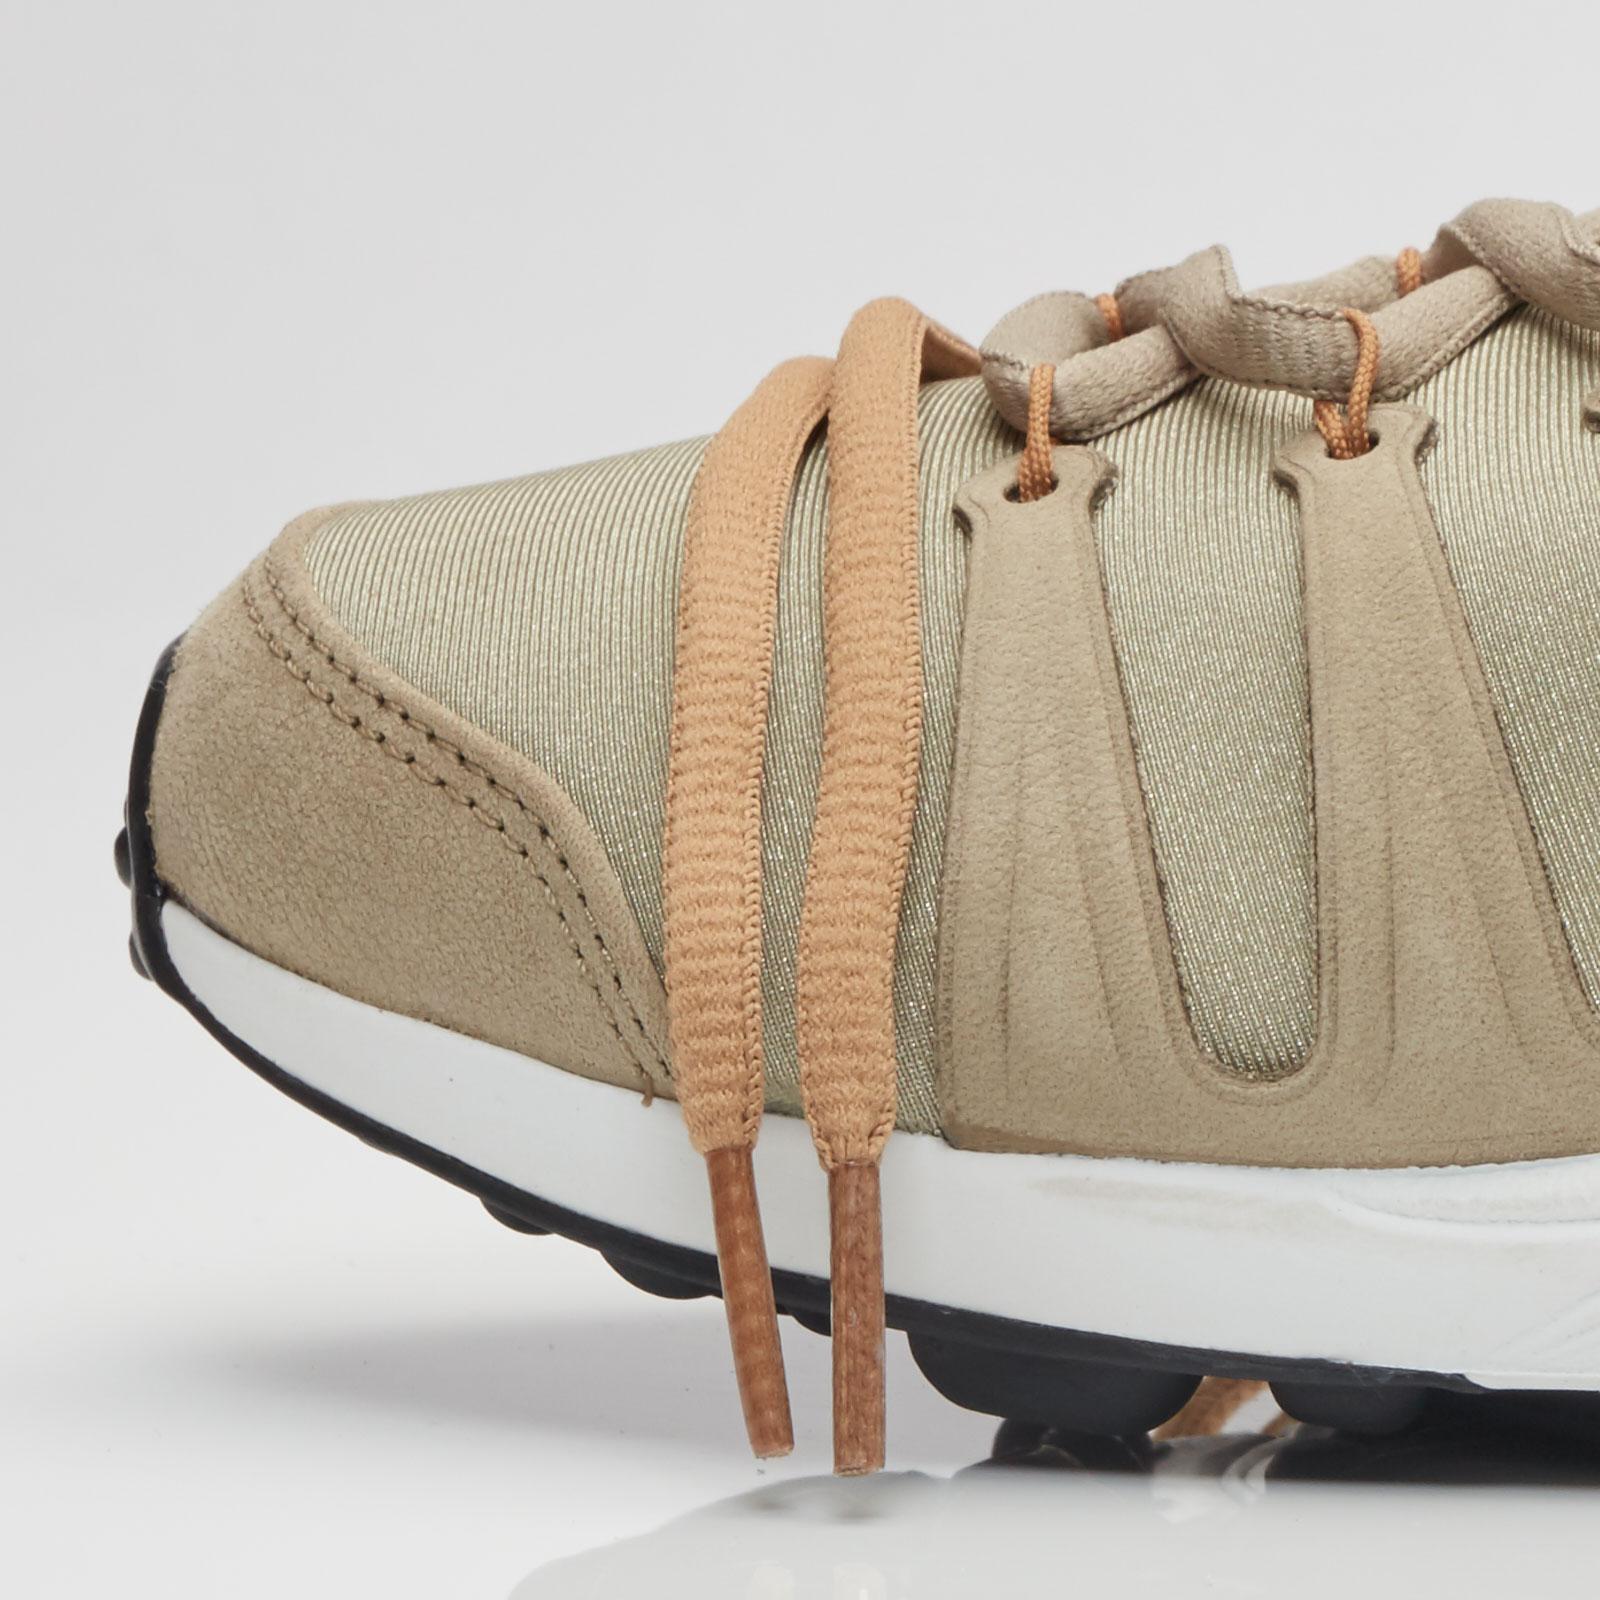 654725c73532 Nike Air Zoom Spirimic - 881983-200 - Sneakersnstuff